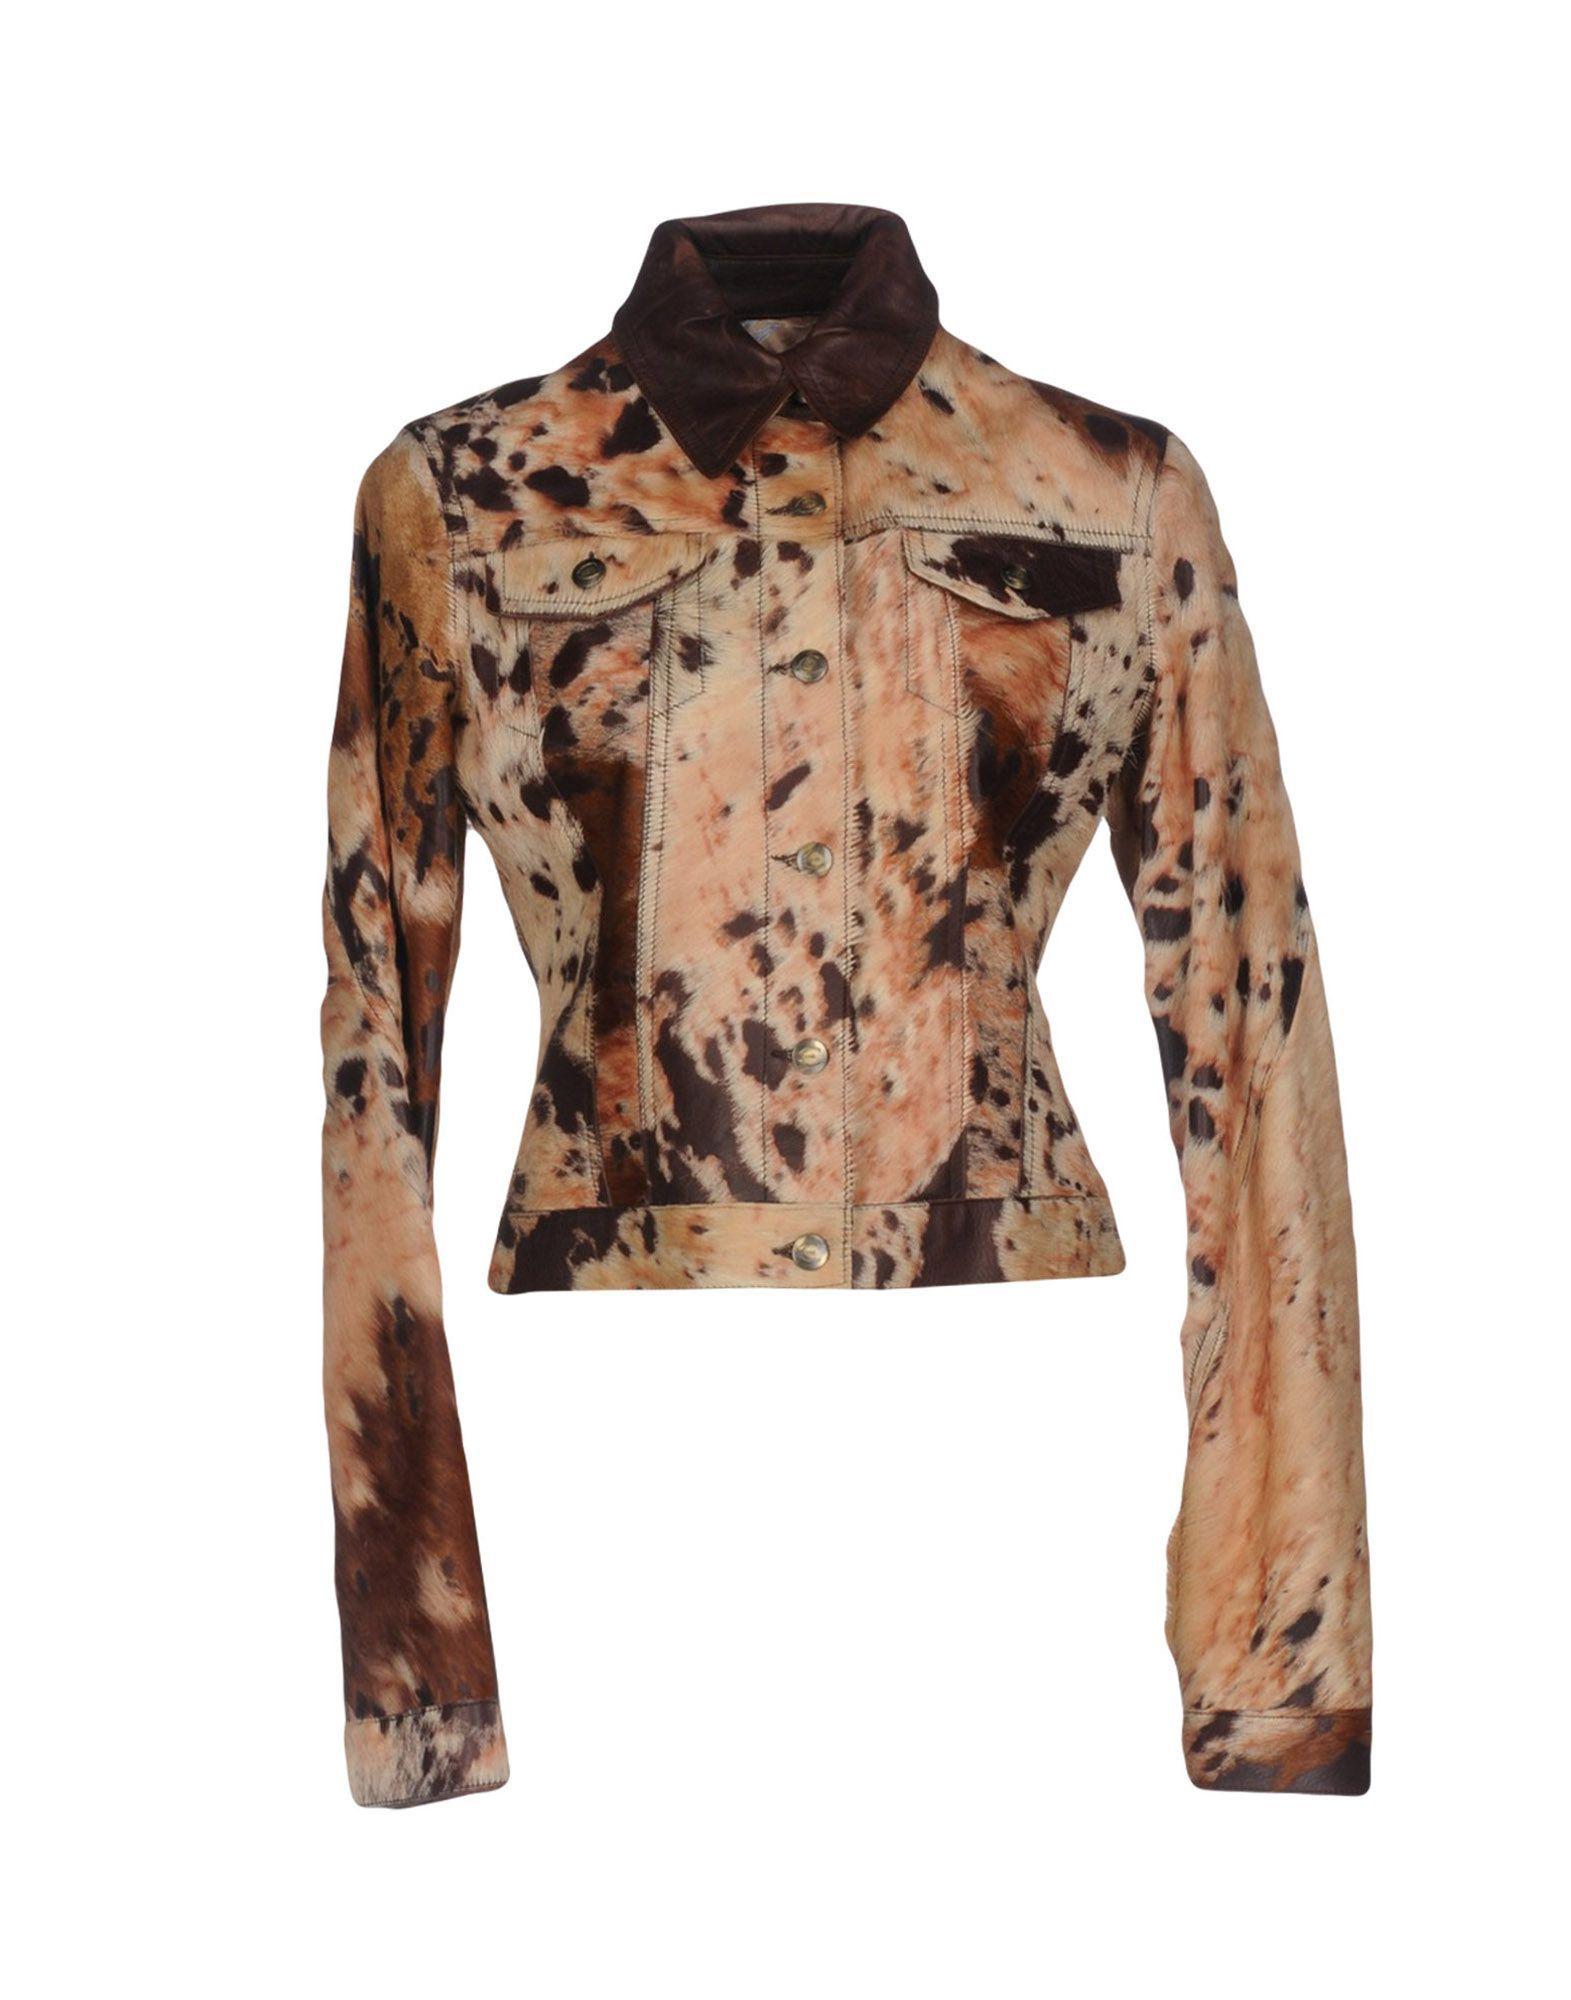 Just Cavalli Beige Leather Jacket